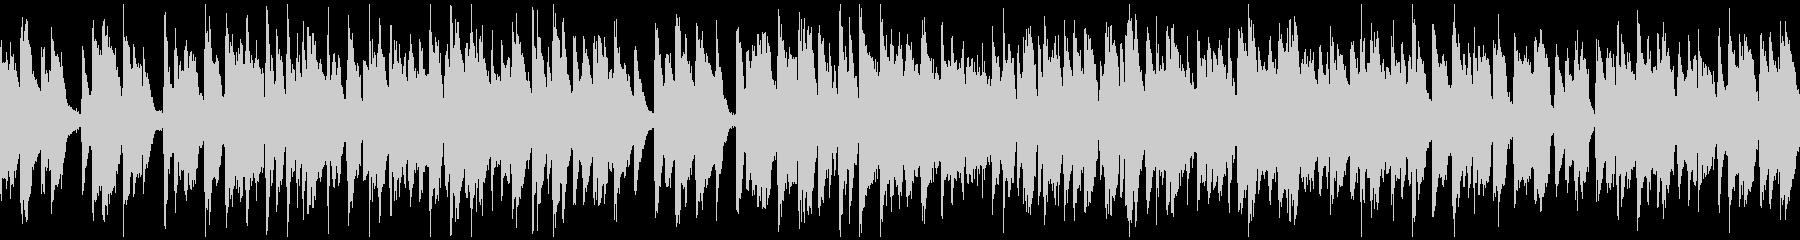 すっとぼけファンキーリコーダー※ループ版の未再生の波形